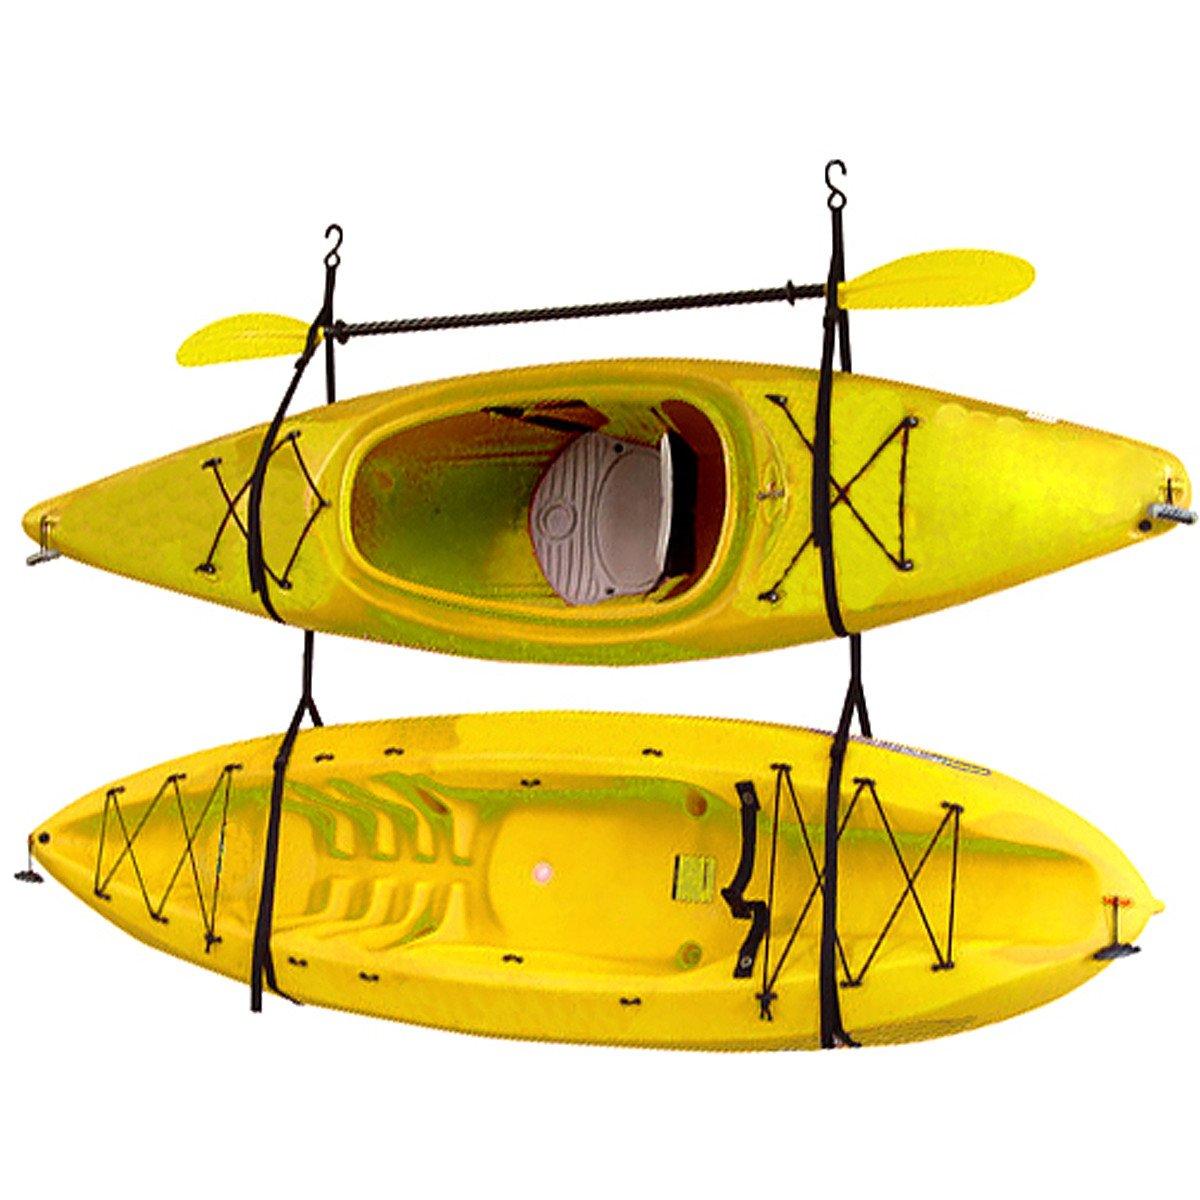 Strap Wall Hanger System Canoe Hang Garage Straps Kayaks Kit Gear